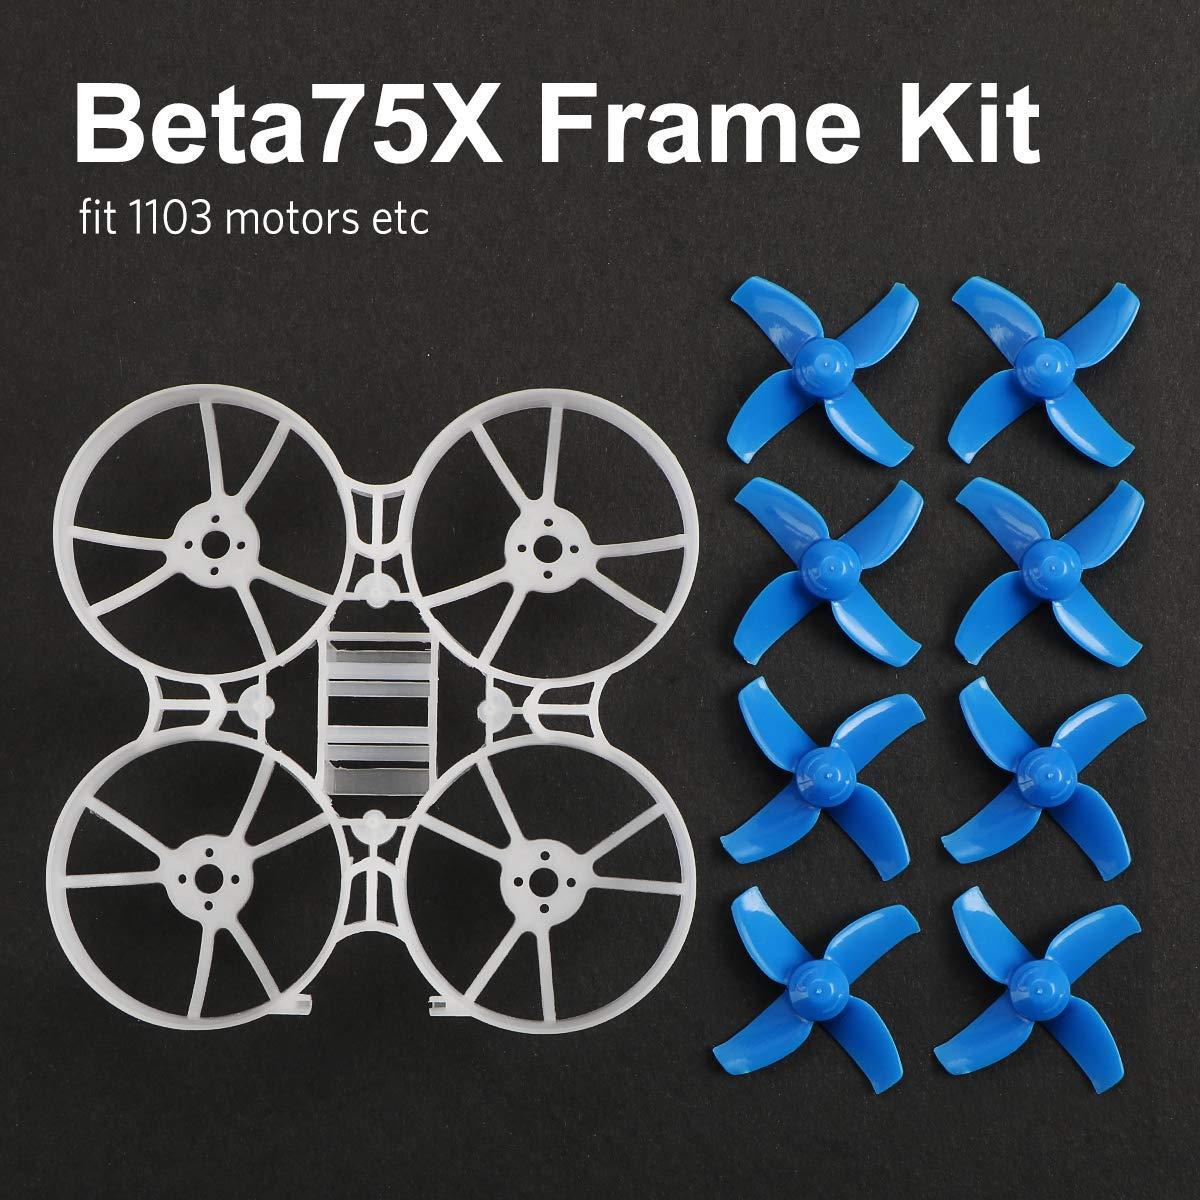 Beta75X 2 S Whoop Rahmen Kit mit 2 Sets 40mm 4-Klinge Requisiten 1,5mm Welle Blau für 75mm 2 S Bürstenlosen Whoop Drone Wie Beta75X BNF